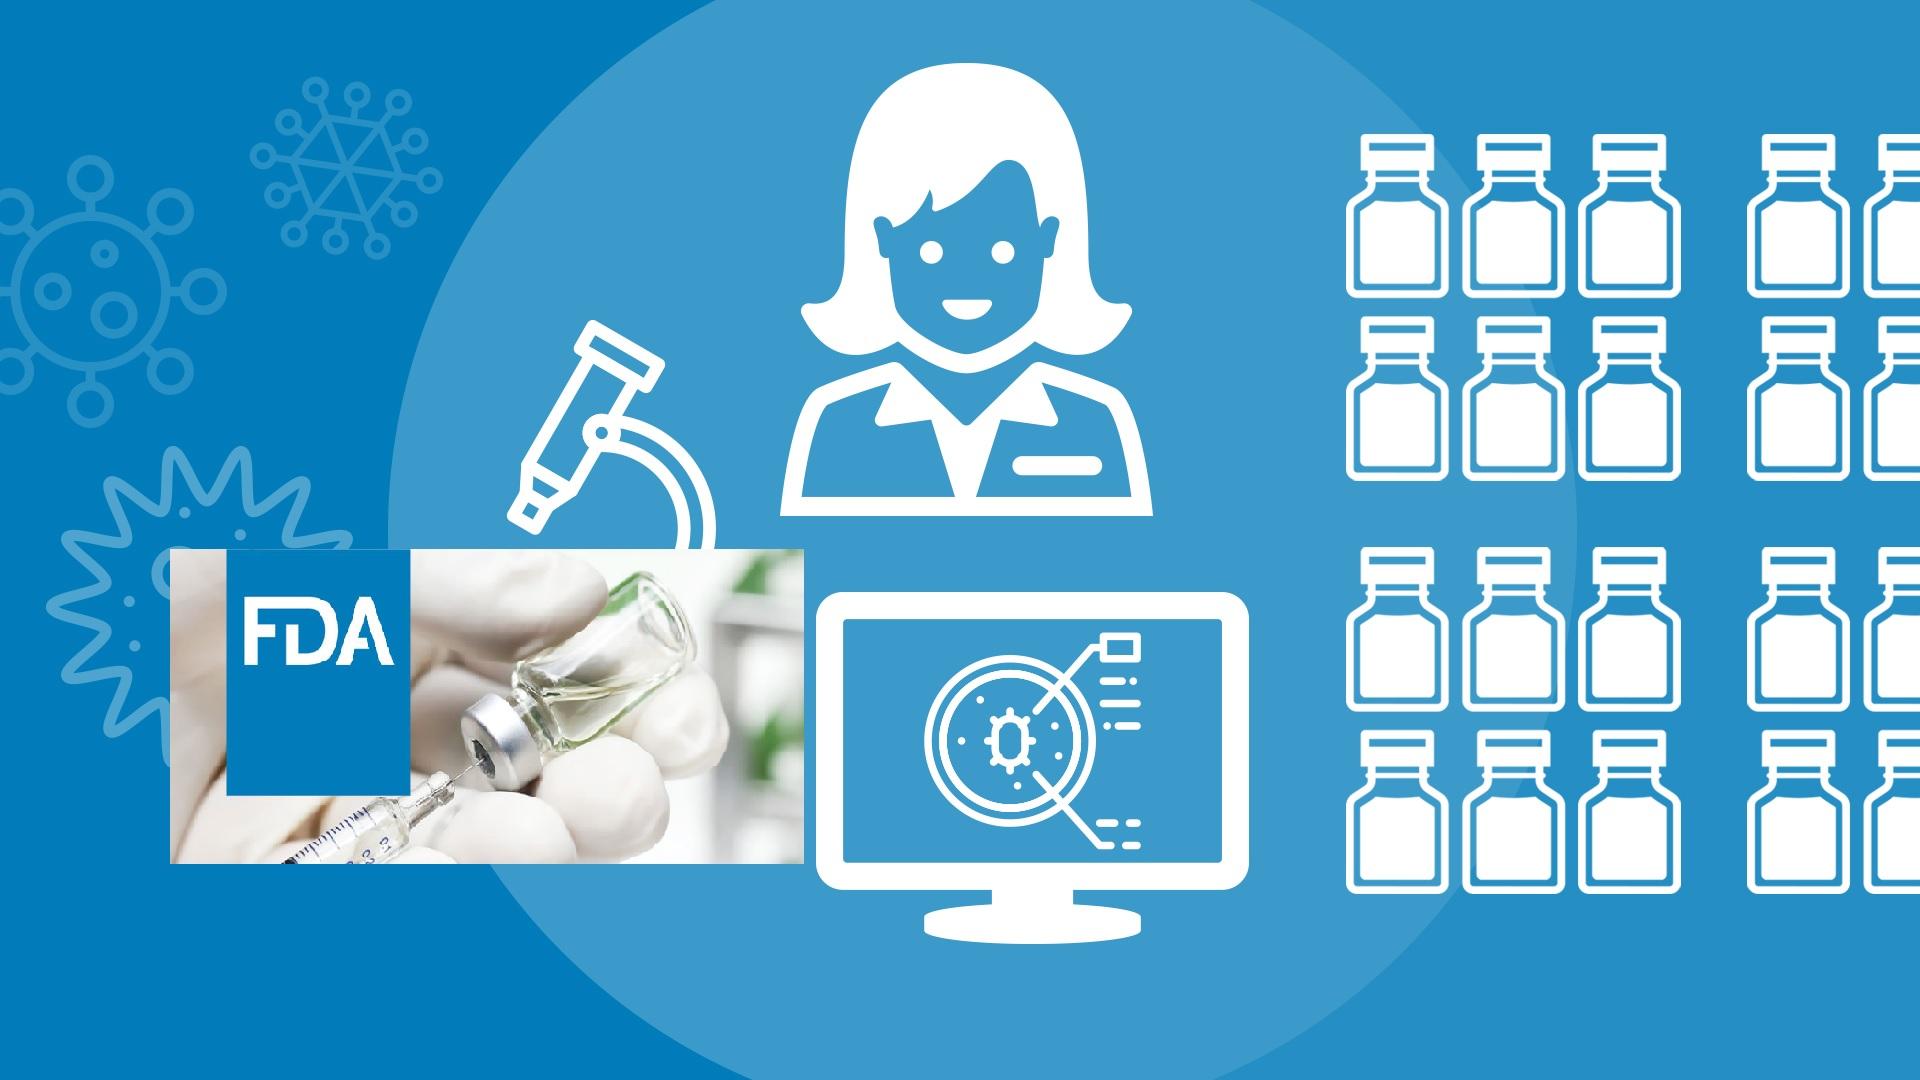 Ο FDA θα απαιτήσει 50% αποτελεσματικότητα για τα εμβόλια COVID -19 – Είναι εφικτό;